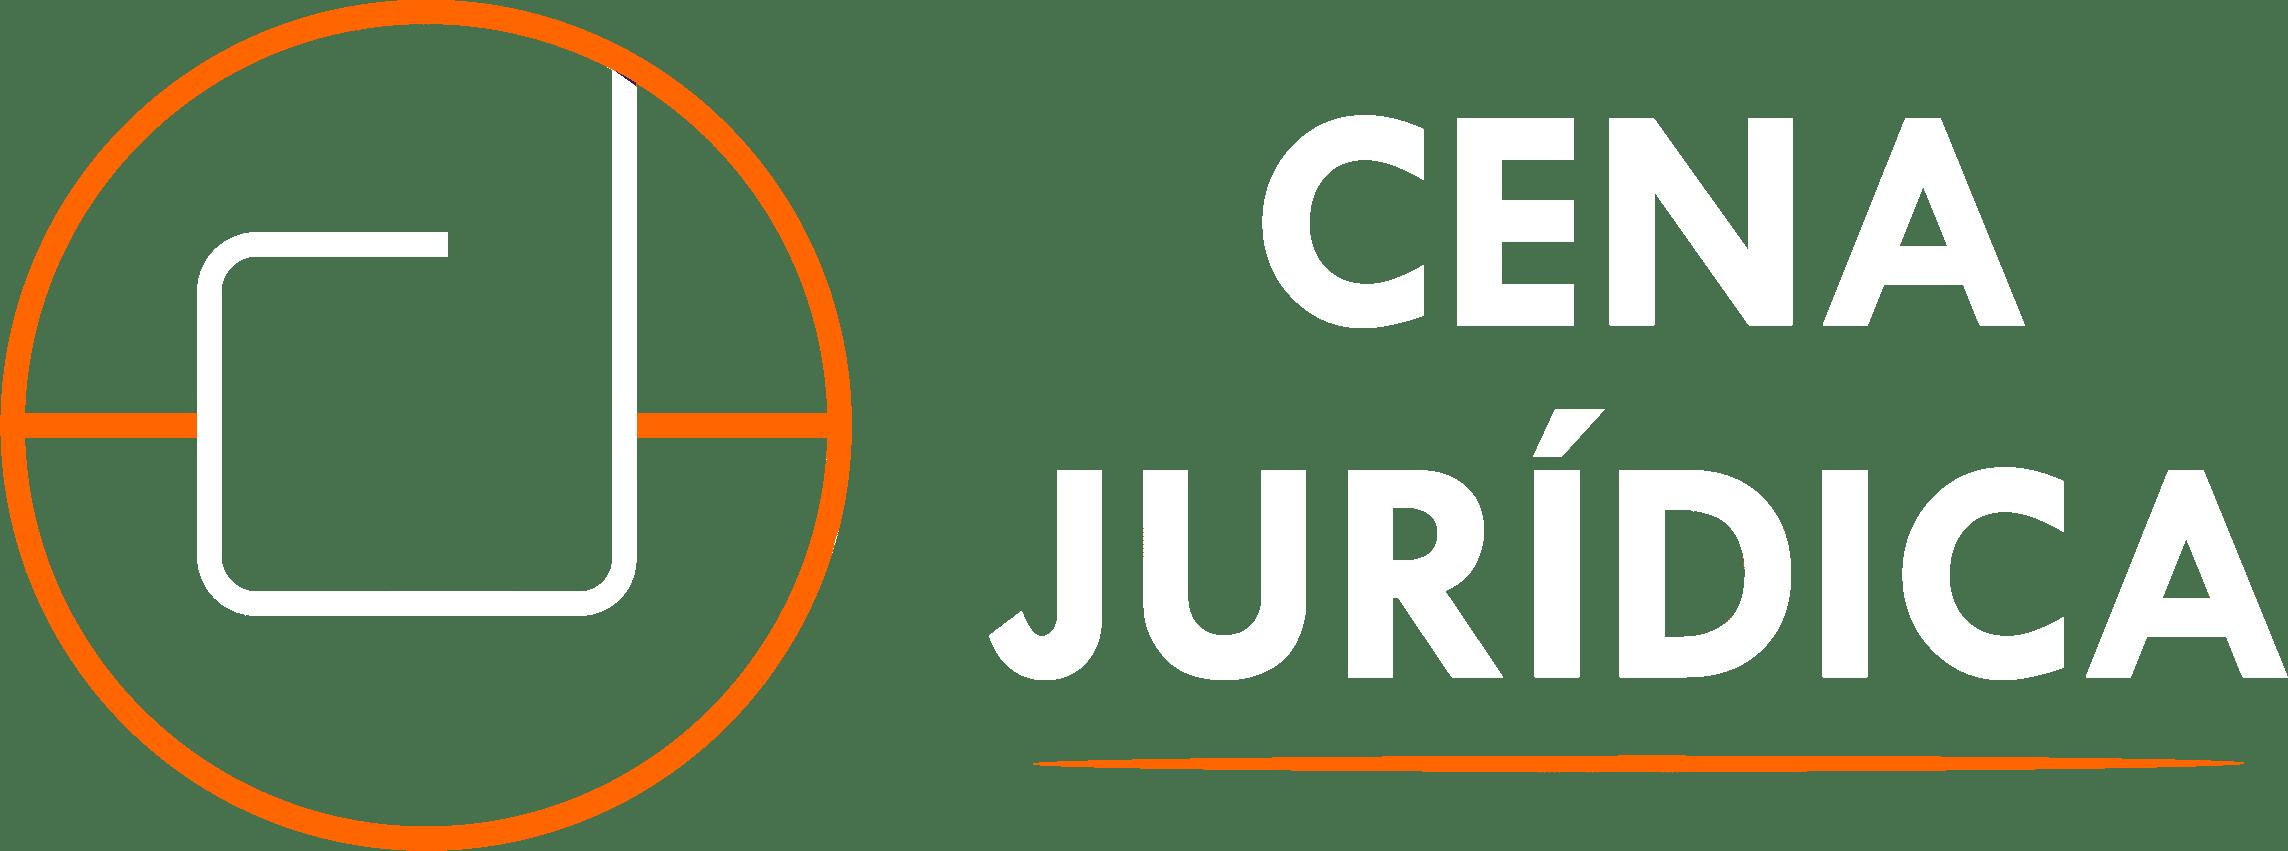 Cena Jurídica